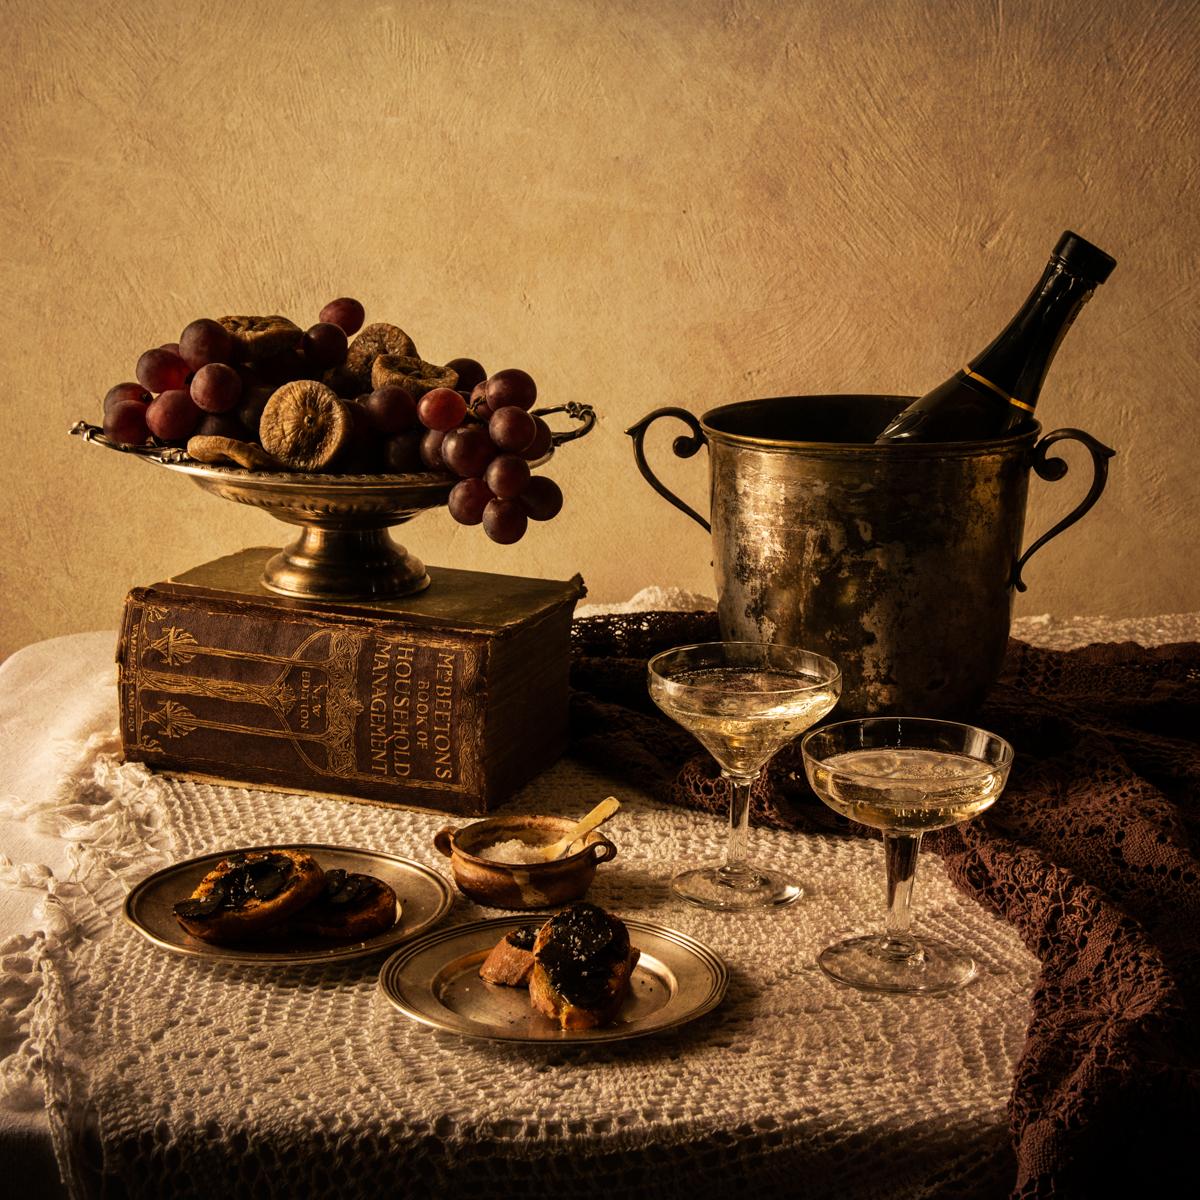 Still life truffle dinner-1.jpg